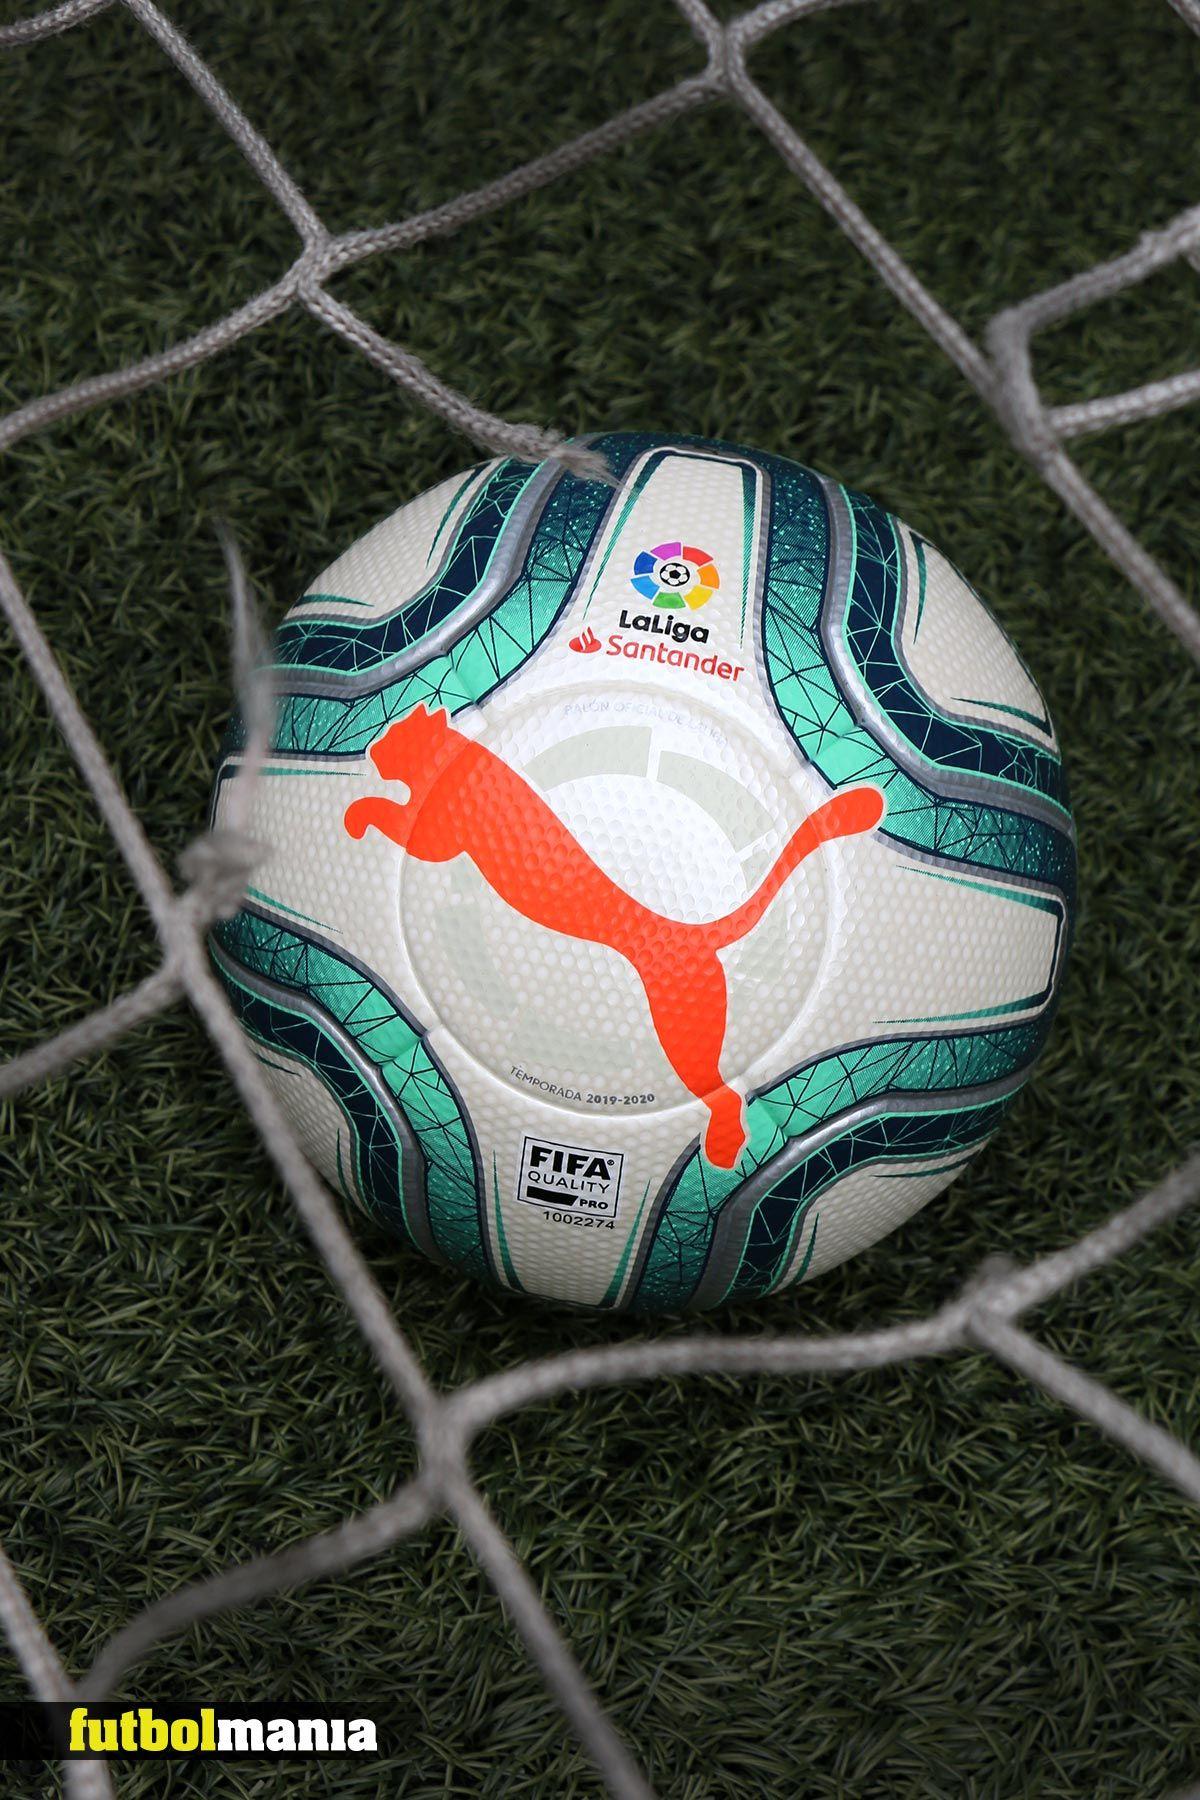 Invitación Humillar Competidores  Balón oficial La Liga | Balones, Puma futbol, Balones de fútbol